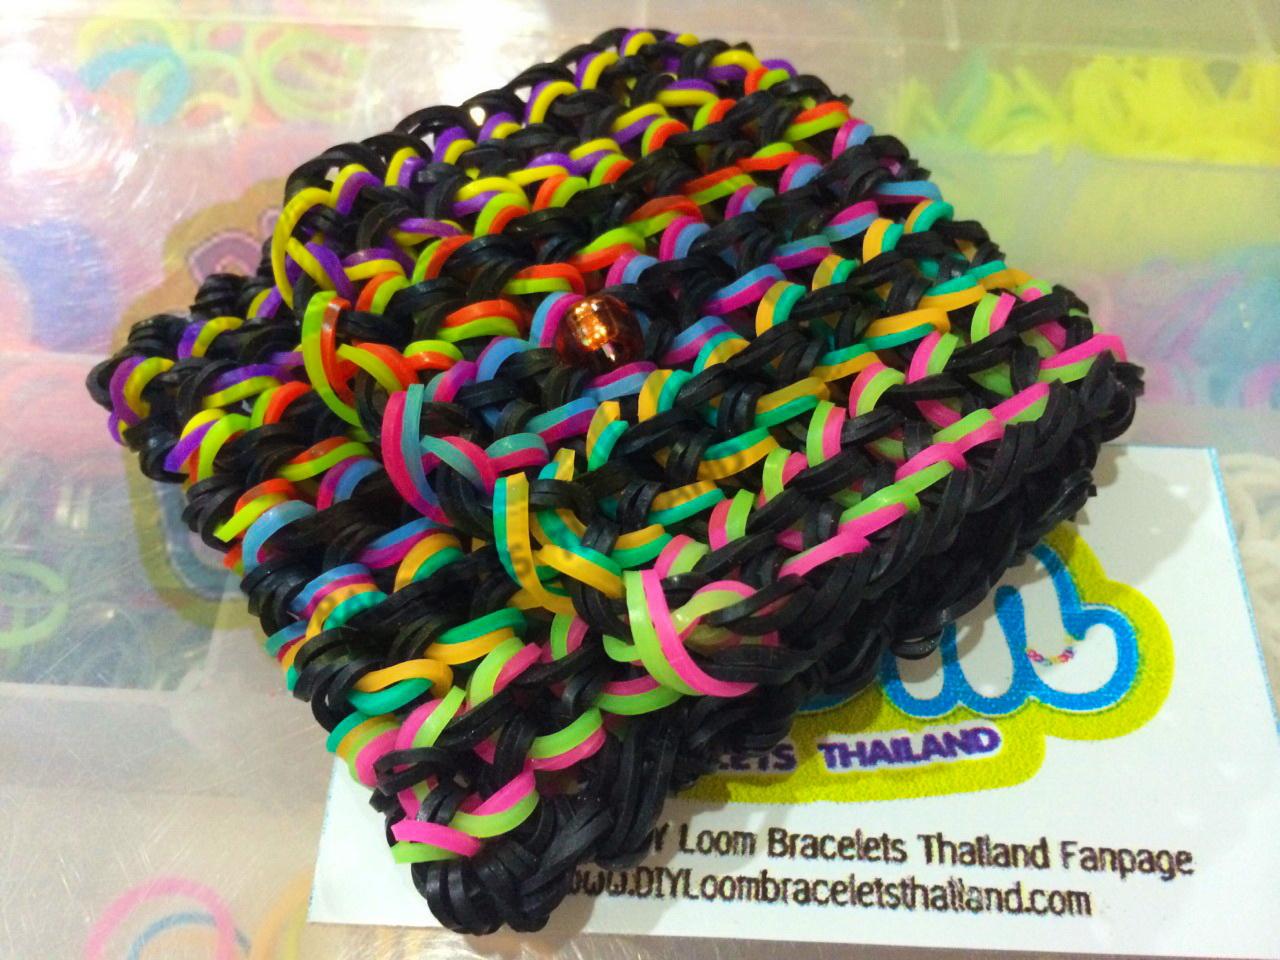 หนังยางถัก ข้อมือ แฟนซี loom band 100%ซิลิโคน ของแท้จาก DIY Loom Bracelets Thailand ทนทาน ไม่เปื่อย